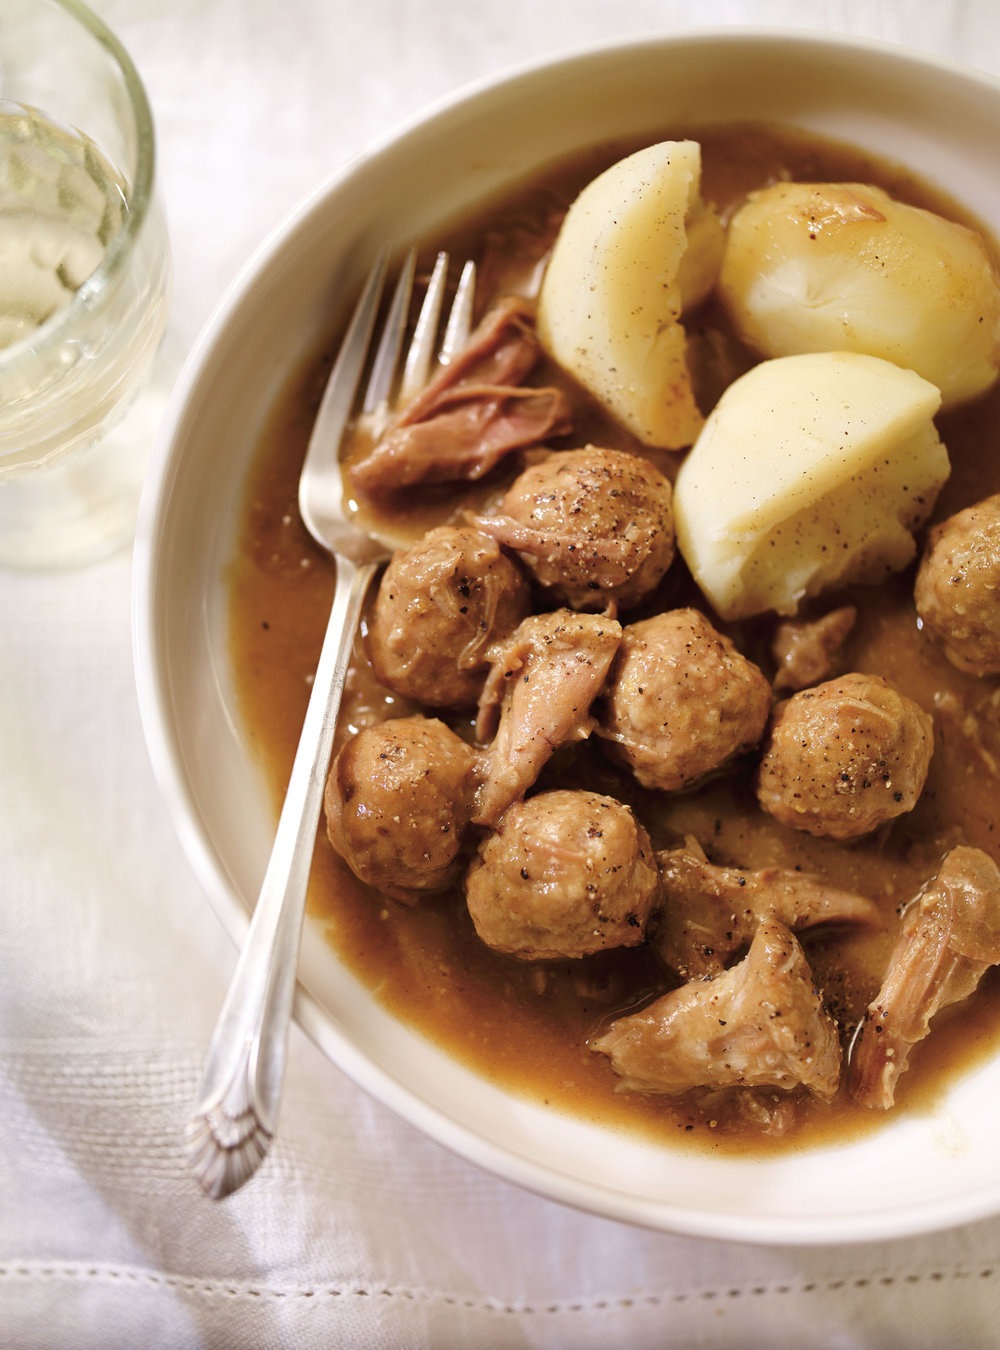 Ragoût de boulettes et de pattes de cochon | ricardo